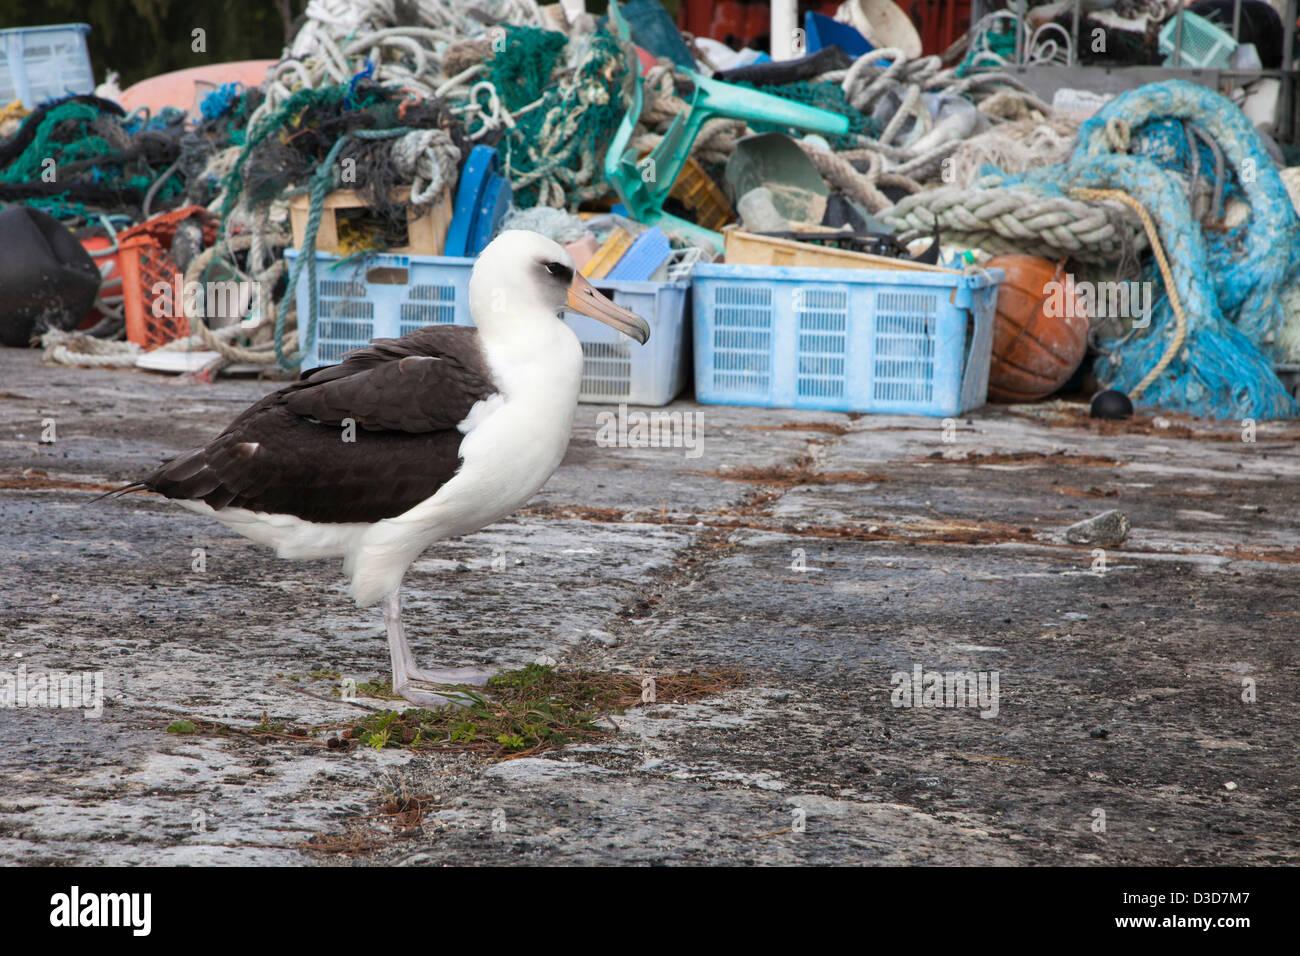 Albatros de Laysan con desechos marinos recogidos en el Atolón de Midway por voluntarios de turistas para el reciclado o la eliminación para evitar daños a la vida silvestre Foto de stock